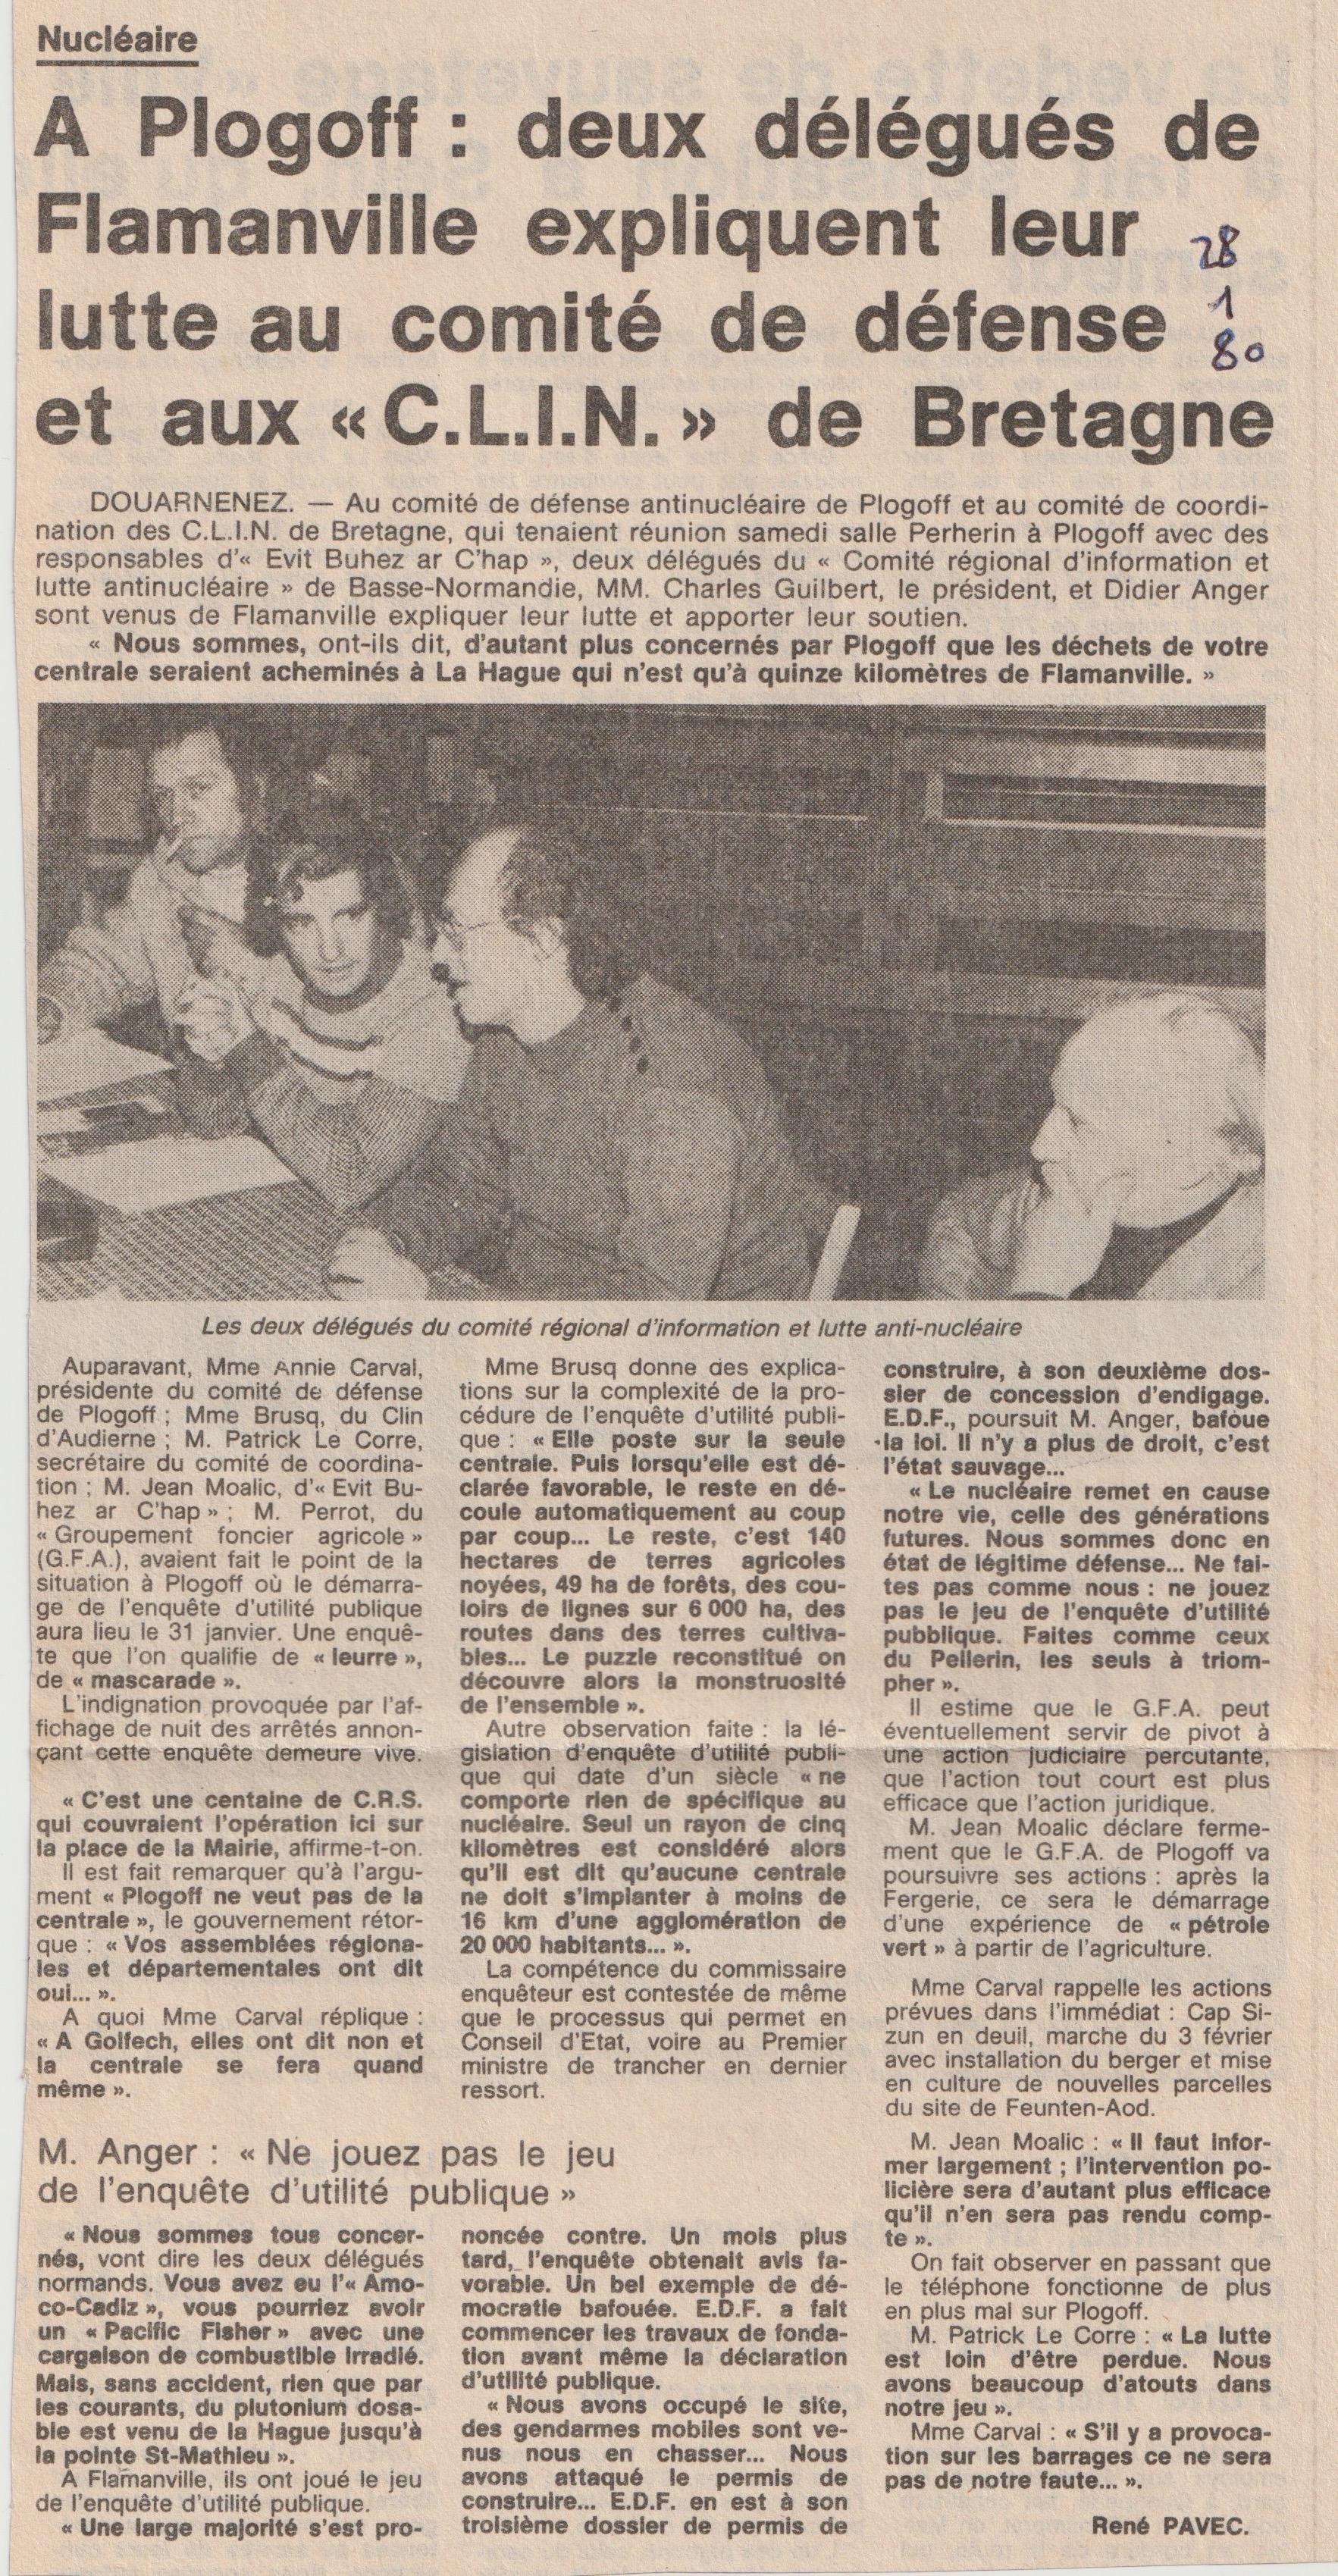 Délégués CRILAN Flamanville à Plogoff 28